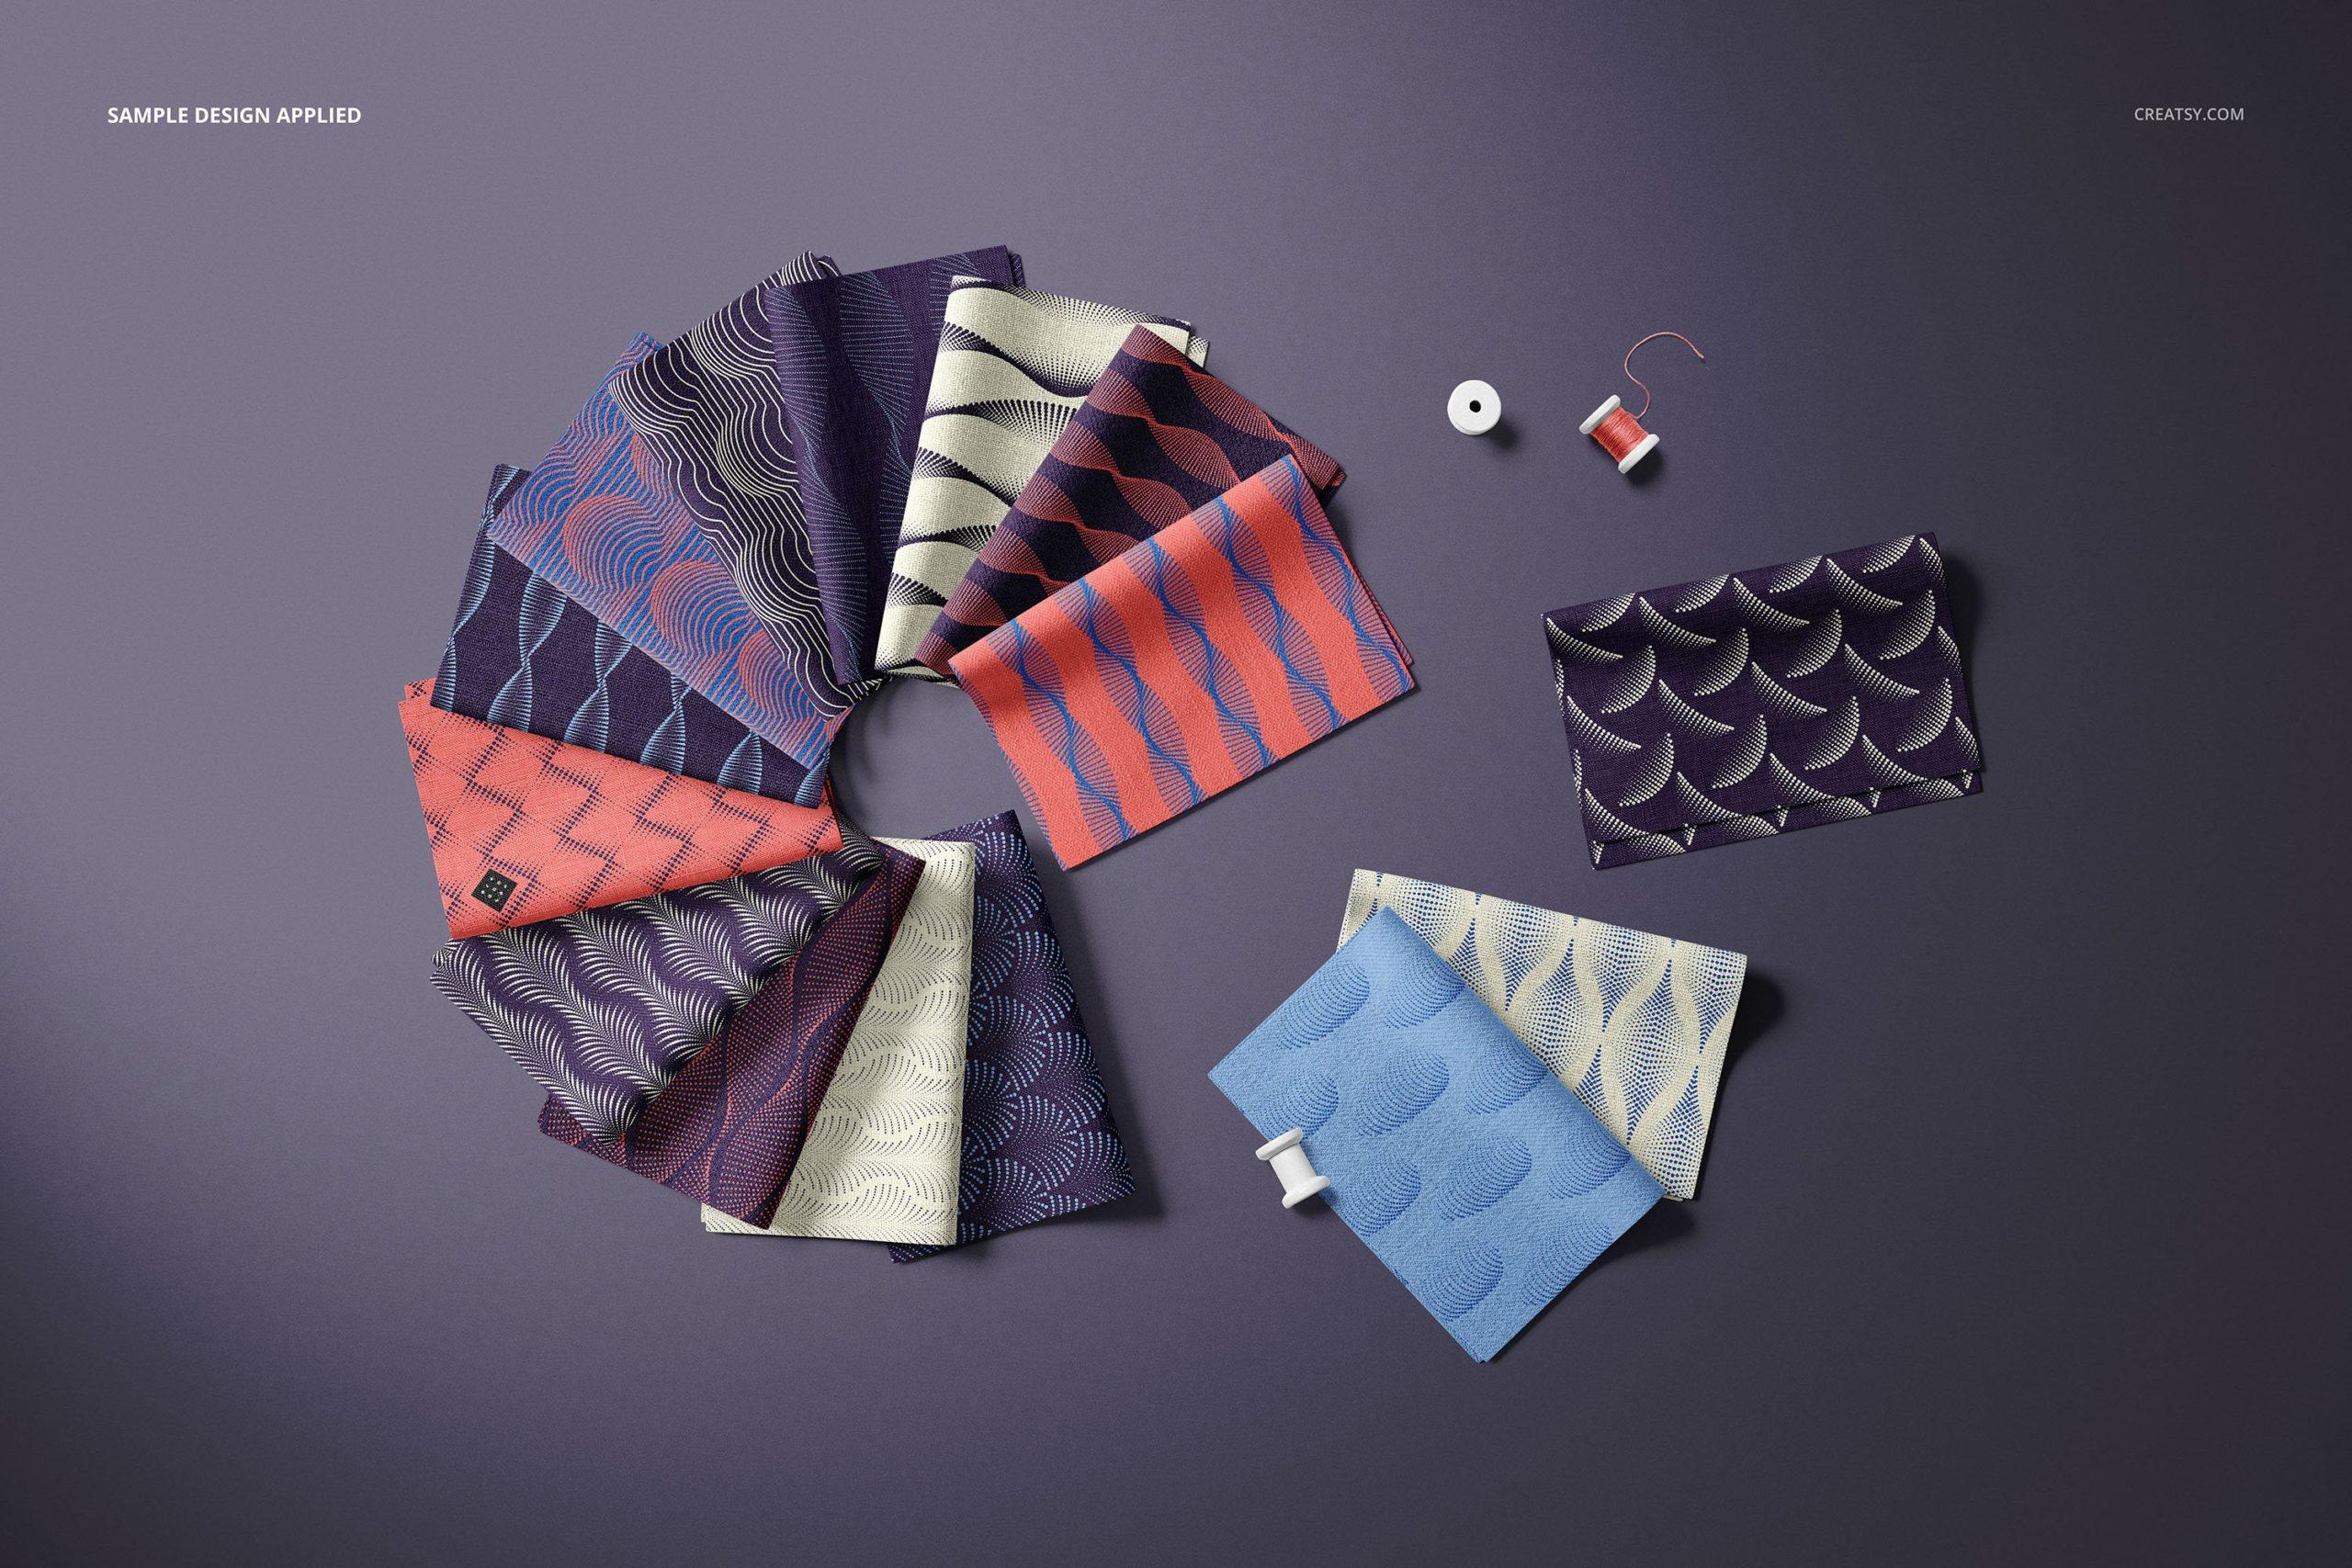 时尚折叠式绸缎面料印花图案设计贴图样机合集 Folded Fabric Swatches Mockup Set插图4